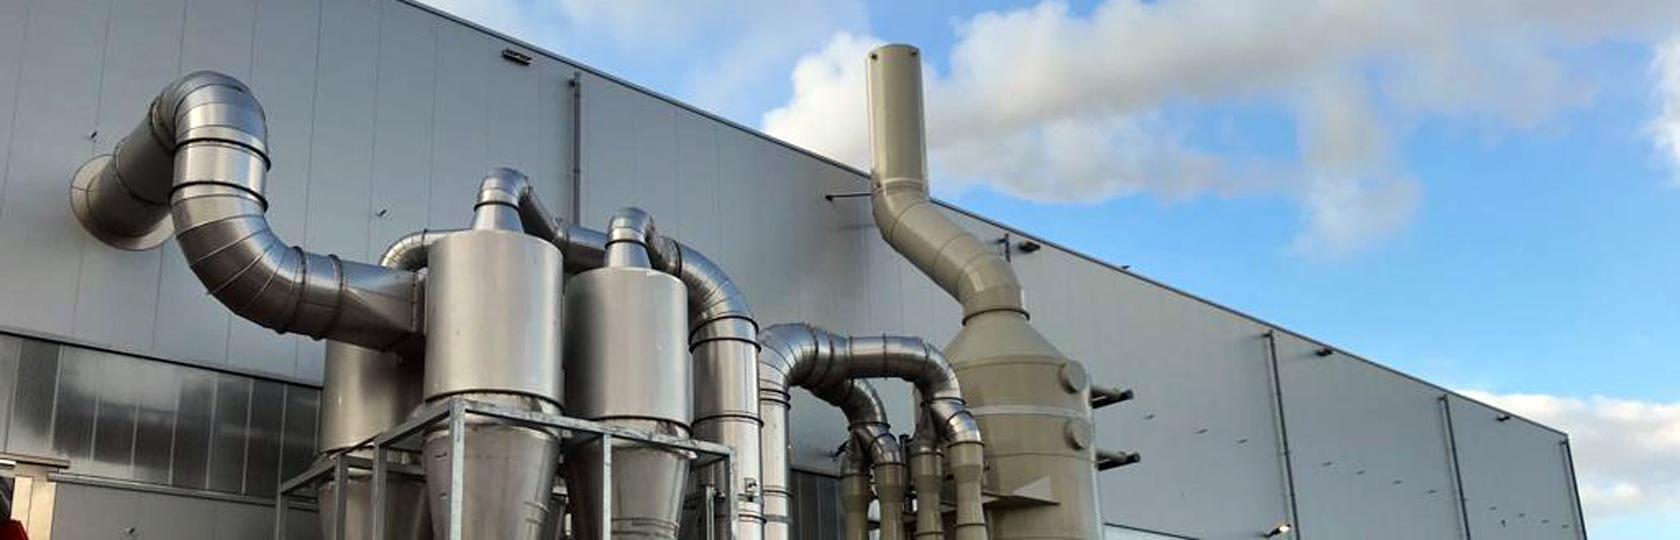 impianti aspirazione industria chimica